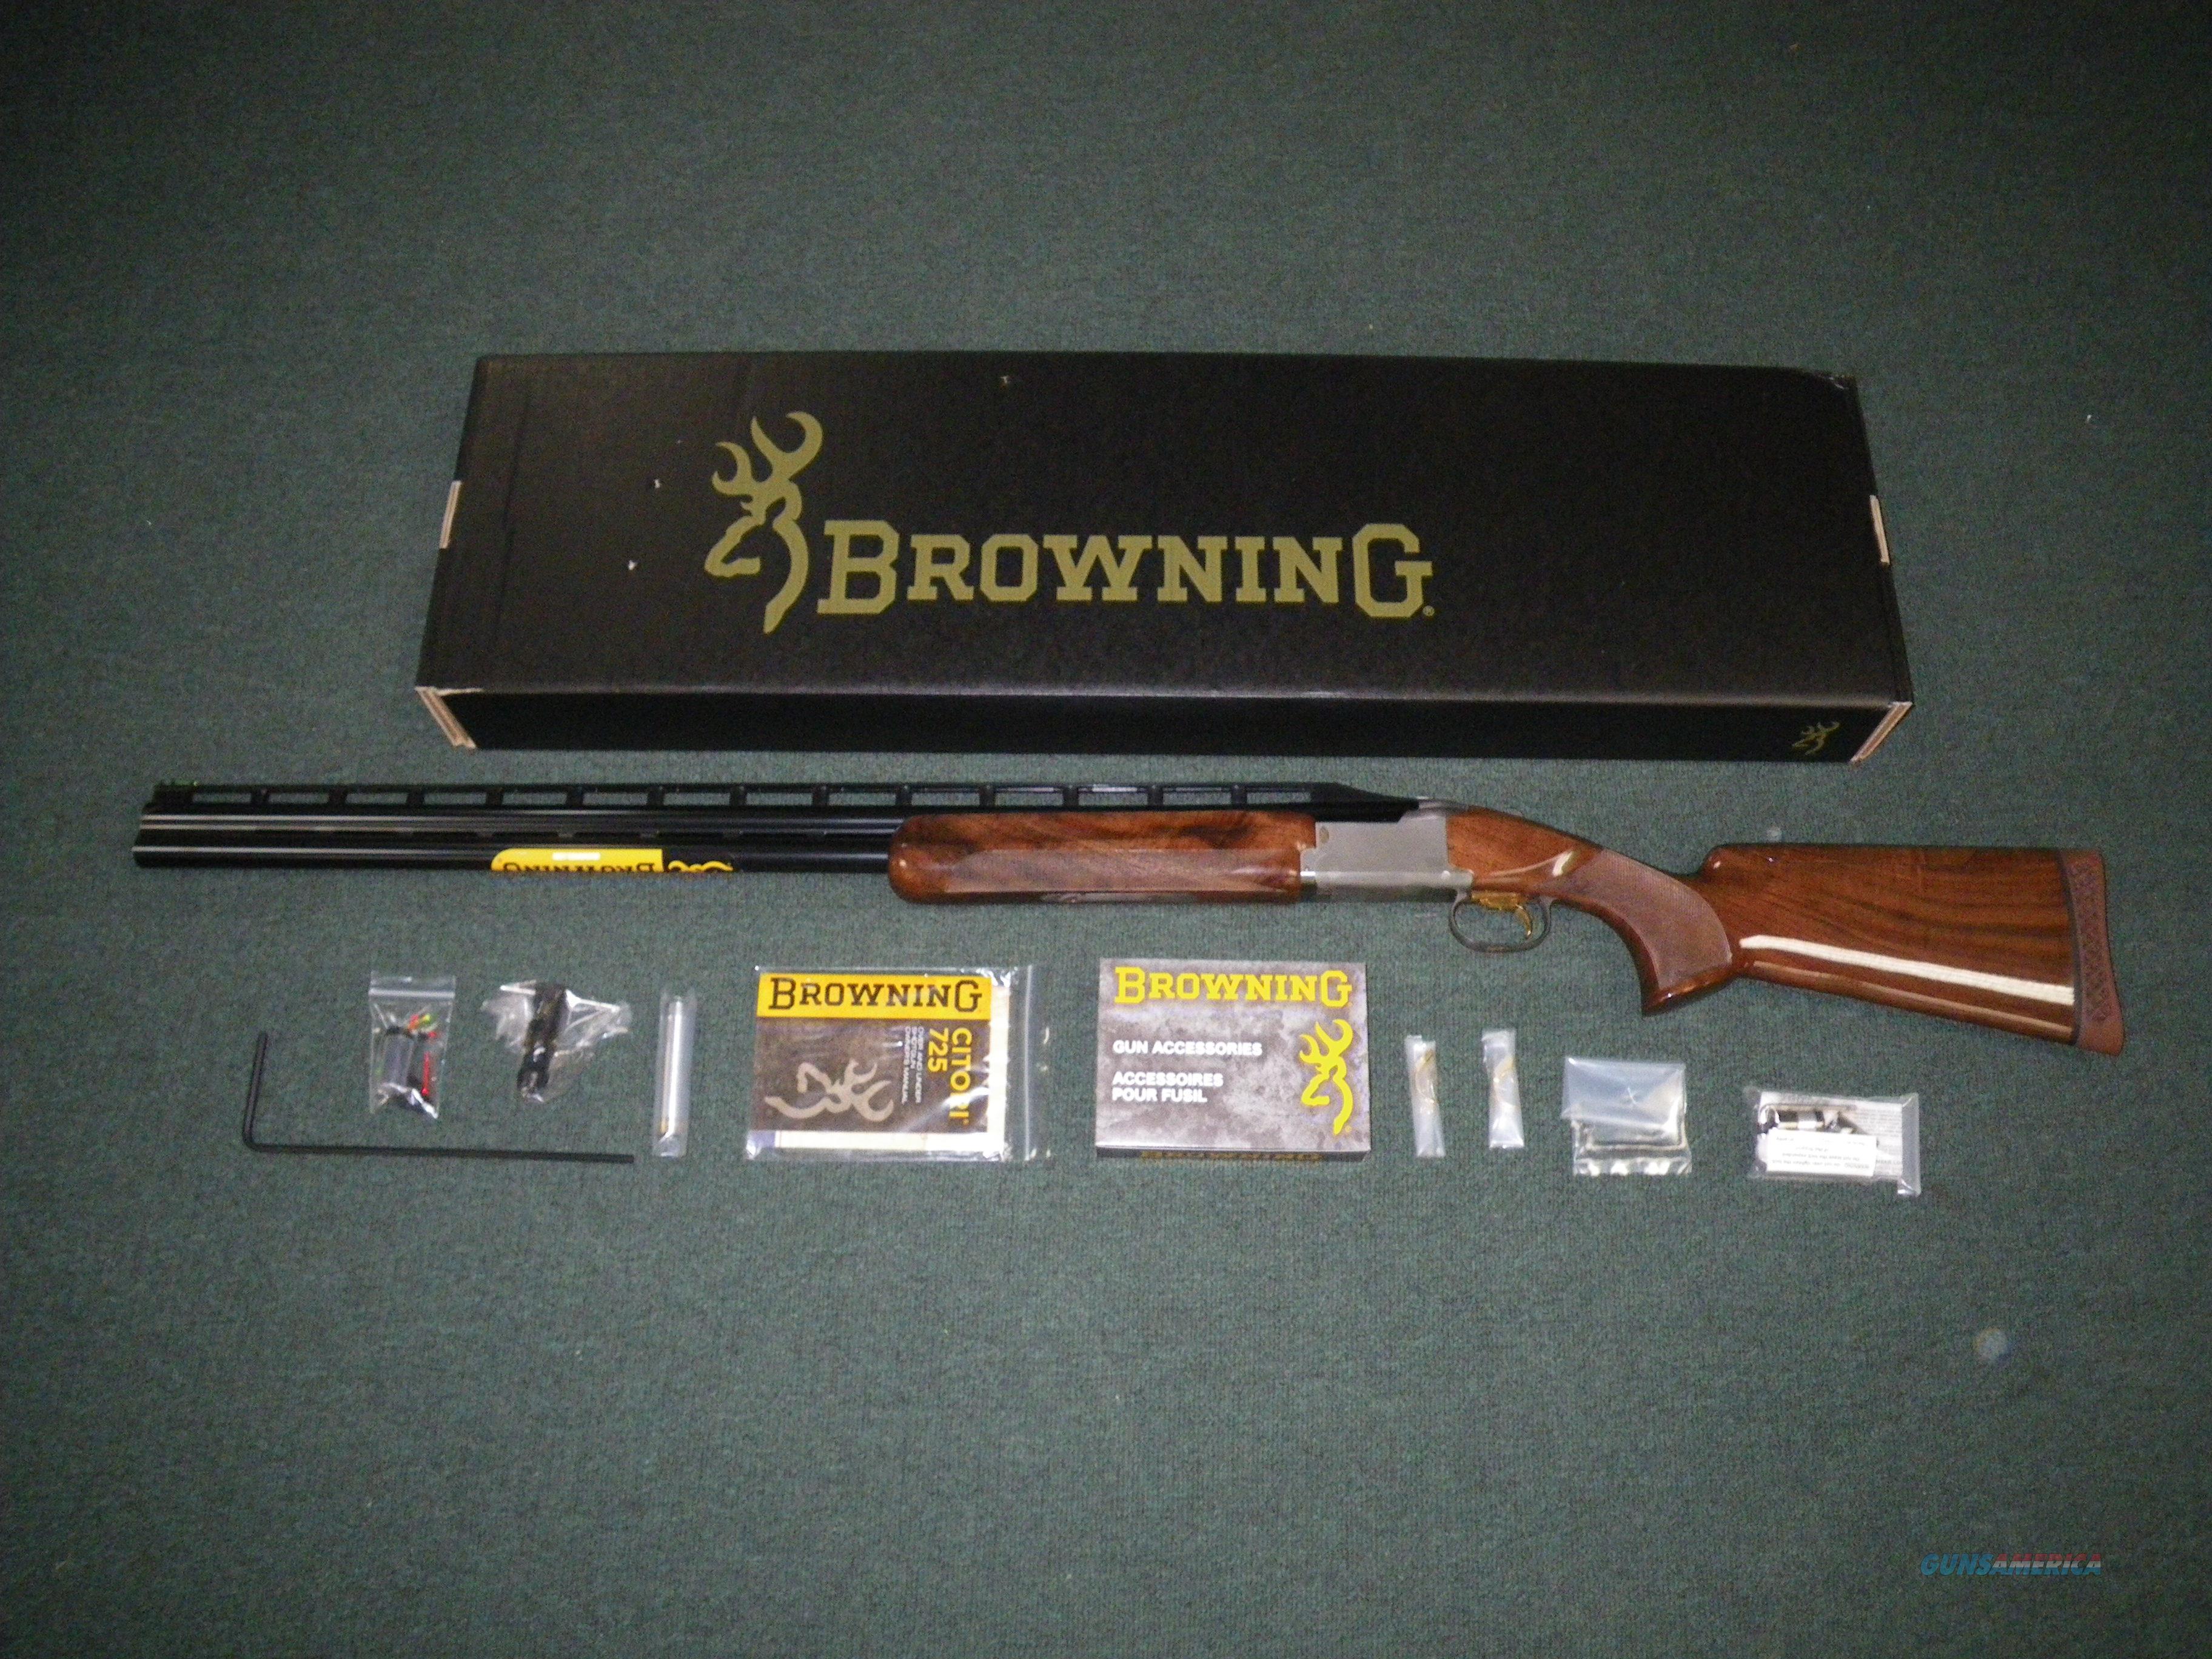 """Browning Citori 725 Trap LH Adj Comb 12ga 32"""" NEW #0135823009  Guns > Shotguns > Browning Shotguns > Over Unders > Citori > Hunting"""